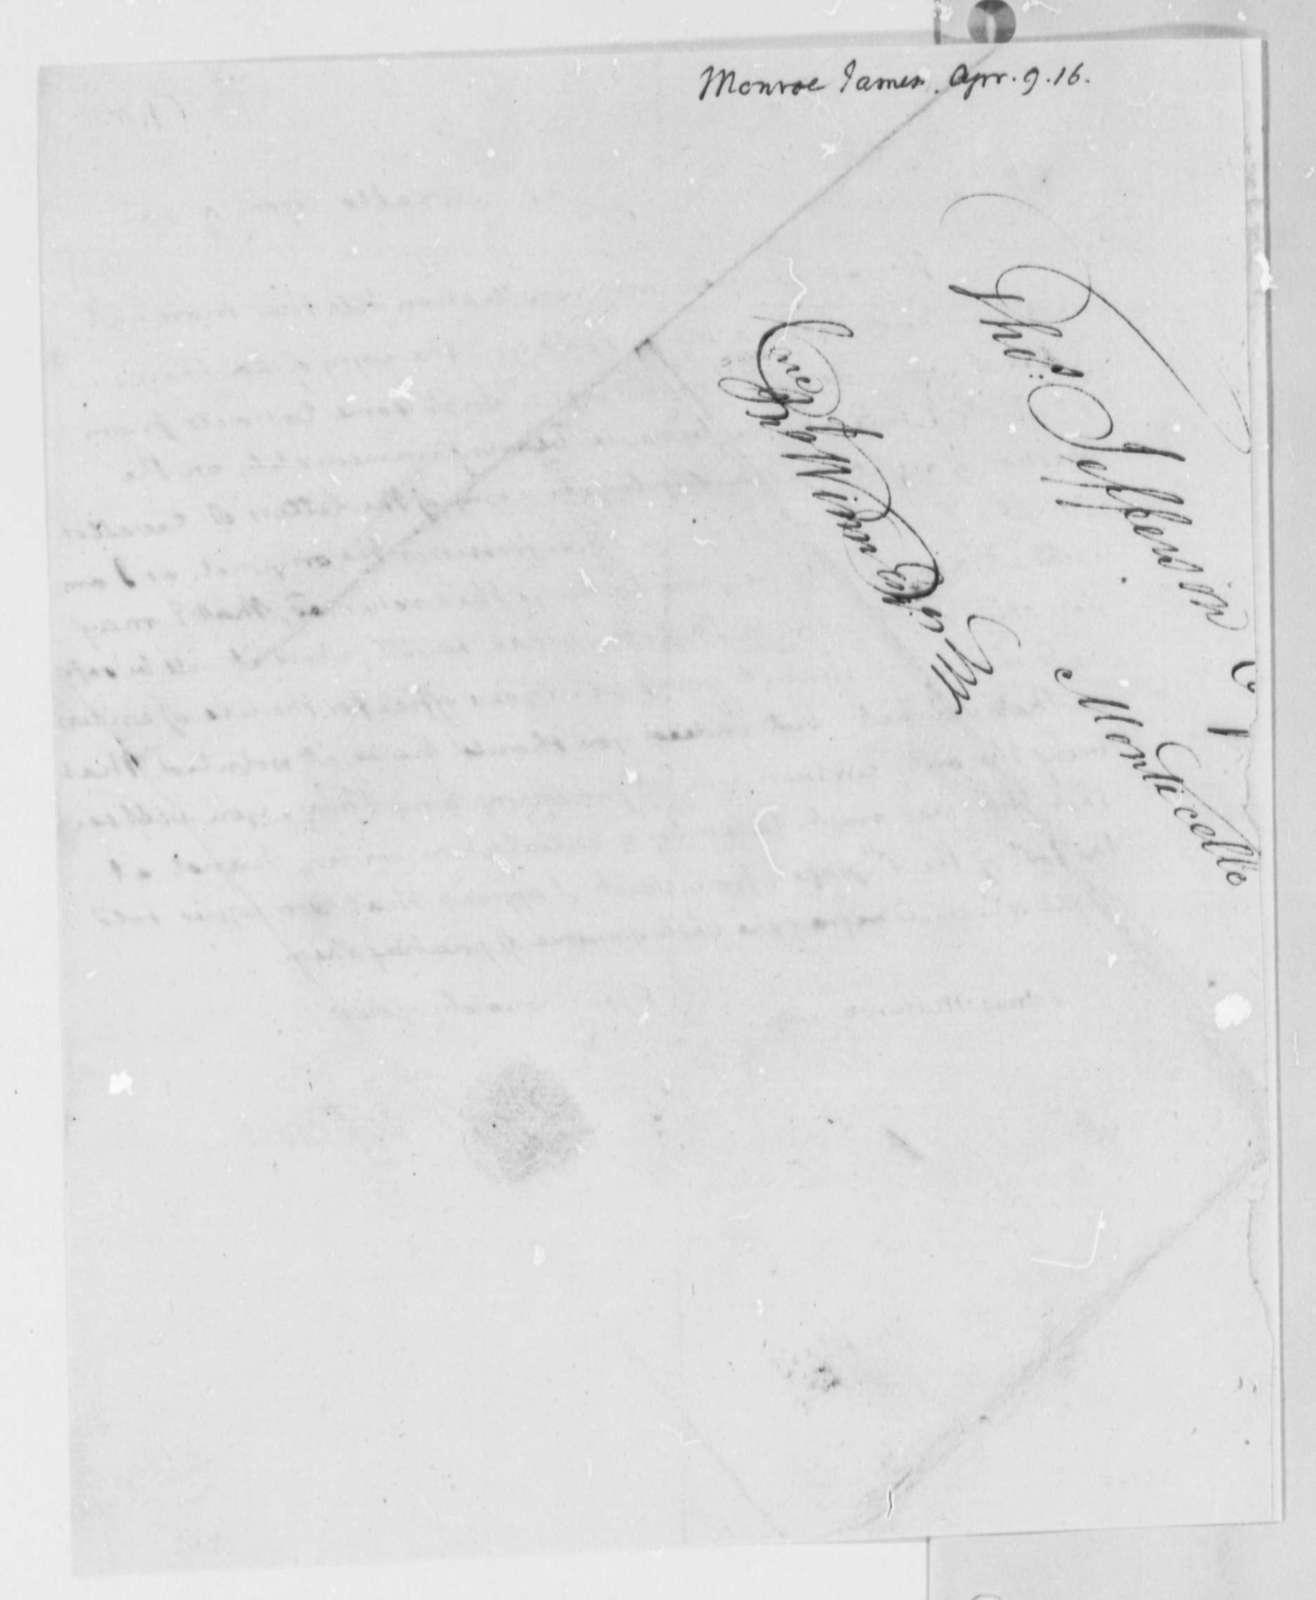 Thomas Jefferson to James Monroe, April 9, 1816